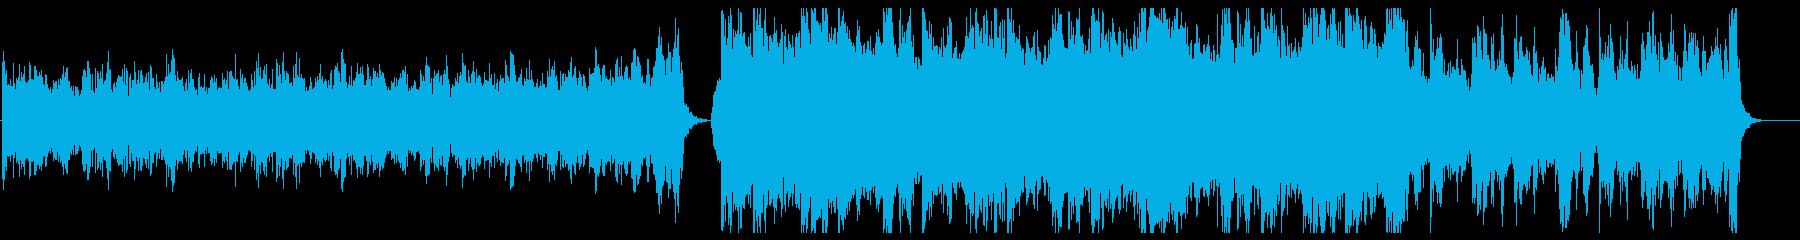 壮大でシネマチックなオーケストラのBGMの再生済みの波形